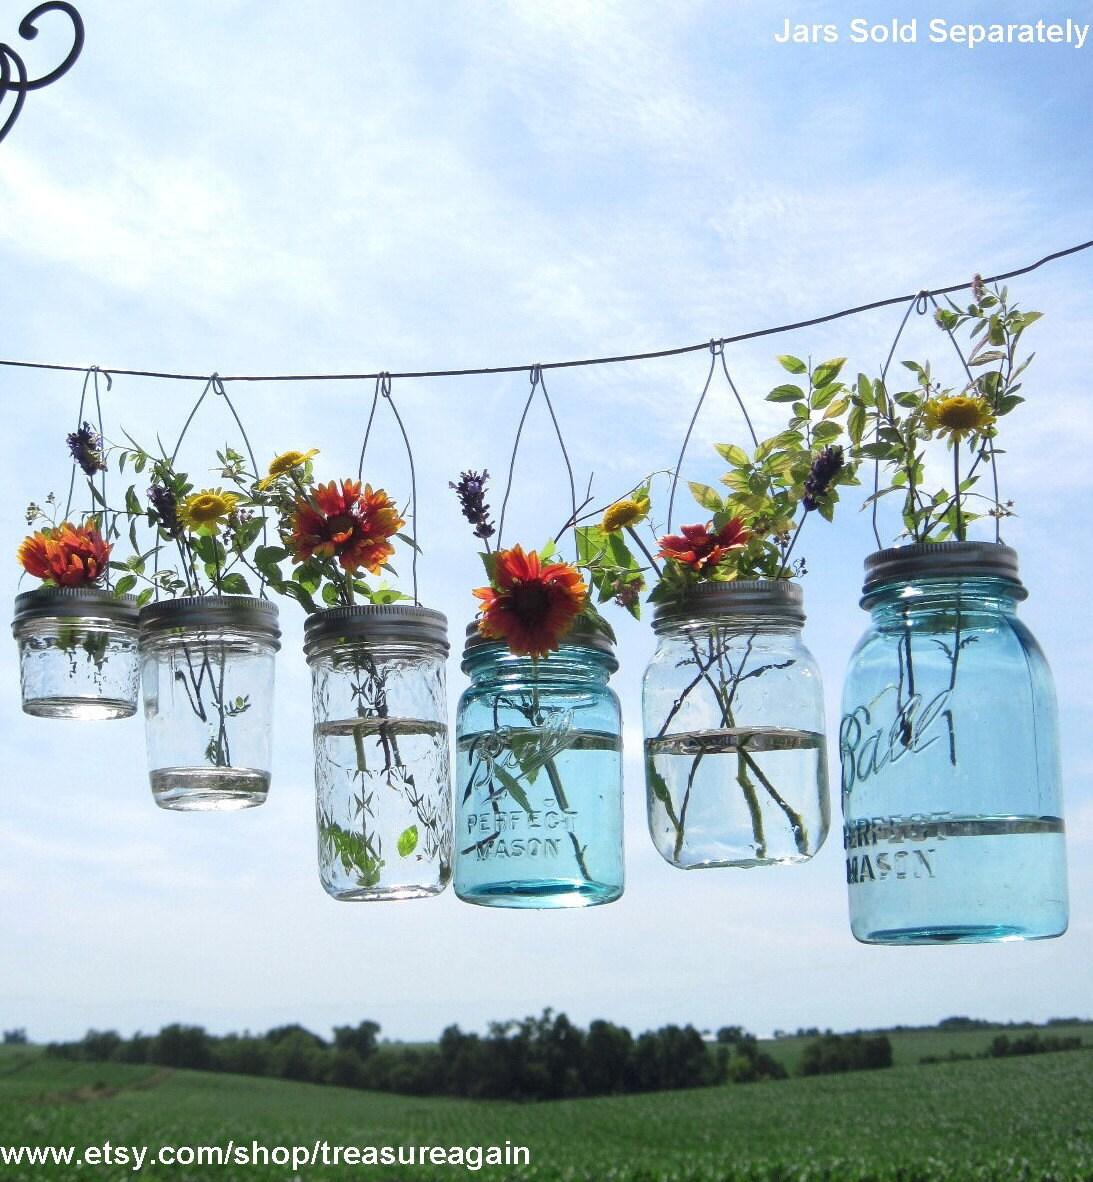 Hook Top Flower Hangers 6 DIY Mason Jar Lids, Weddings Hanging Flower Frog Lids, No Jars